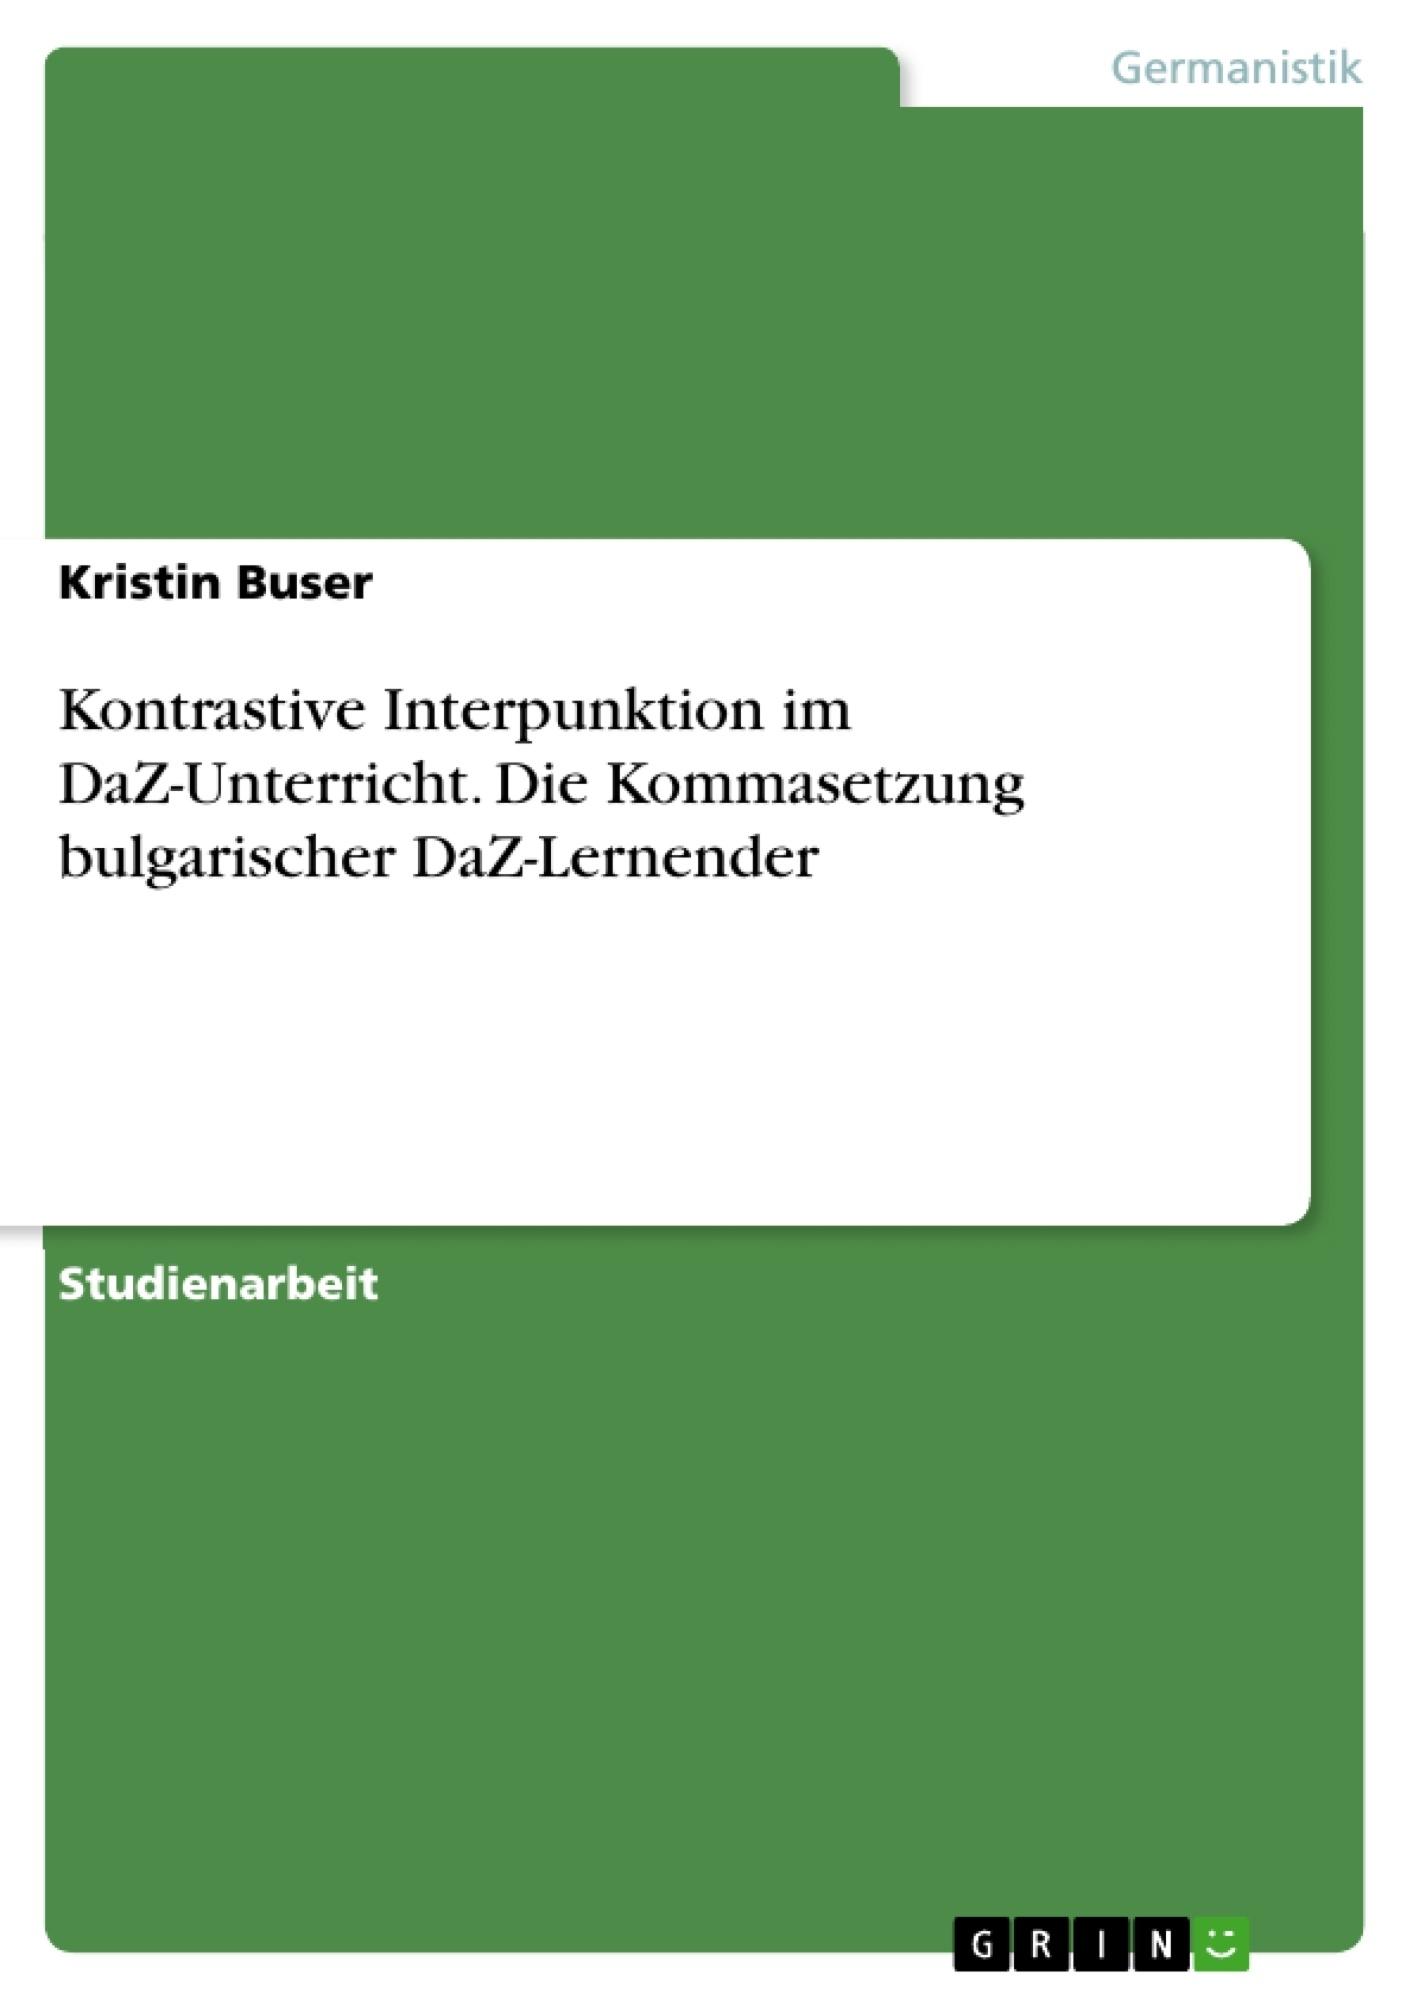 Titel: Kontrastive Interpunktion im DaZ-Unterricht. Die Kommasetzung bulgarischer DaZ-Lernender